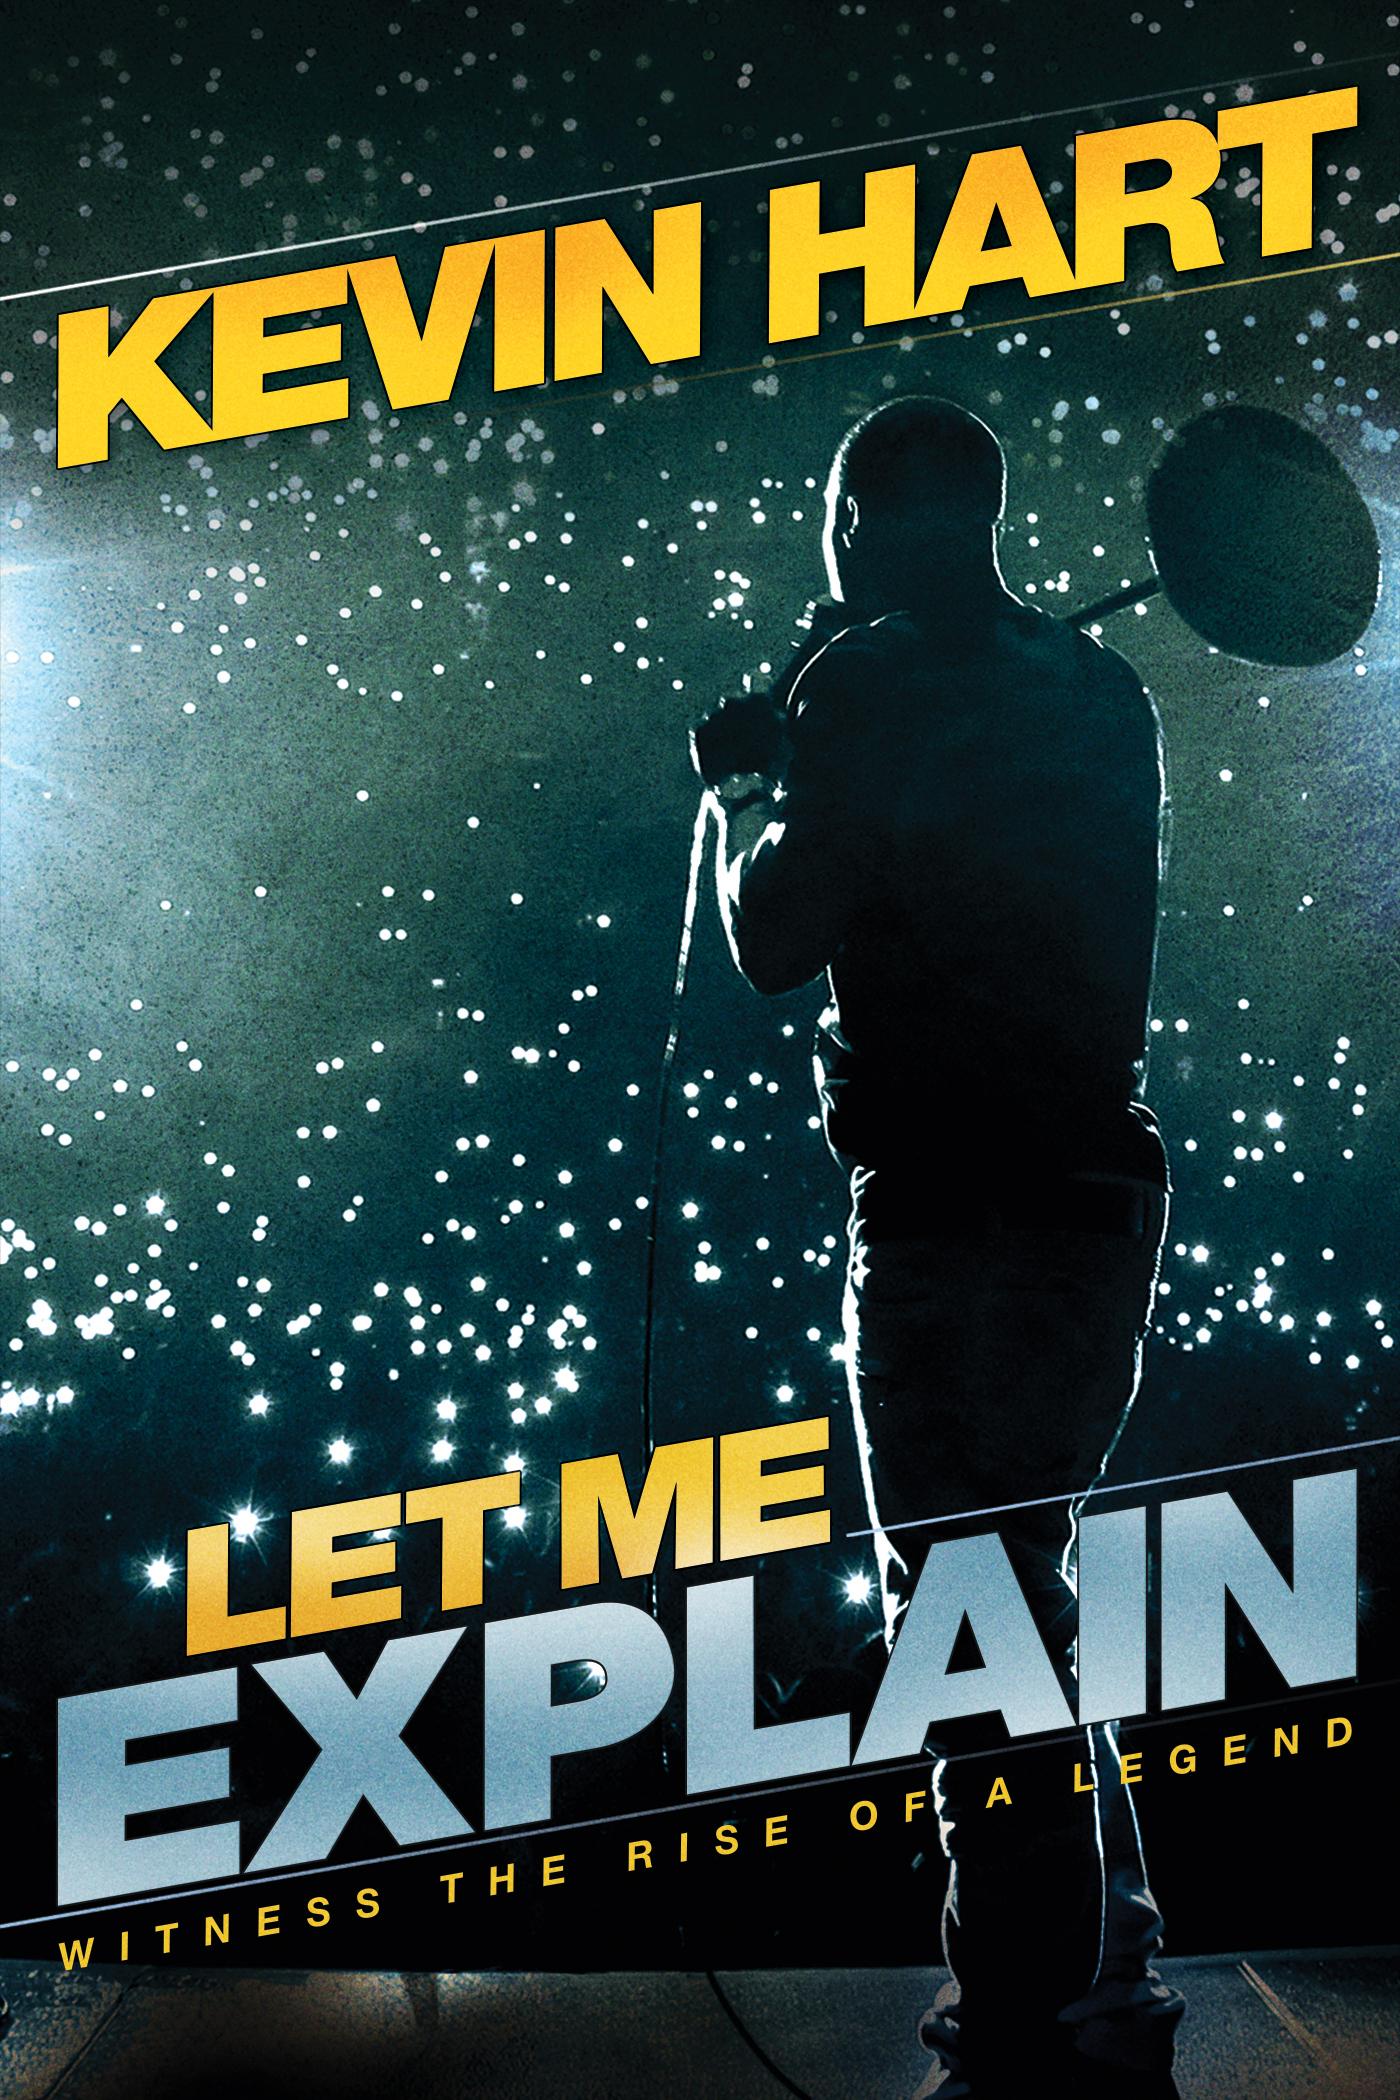 Kevin Hart: Lass mich erklären stream